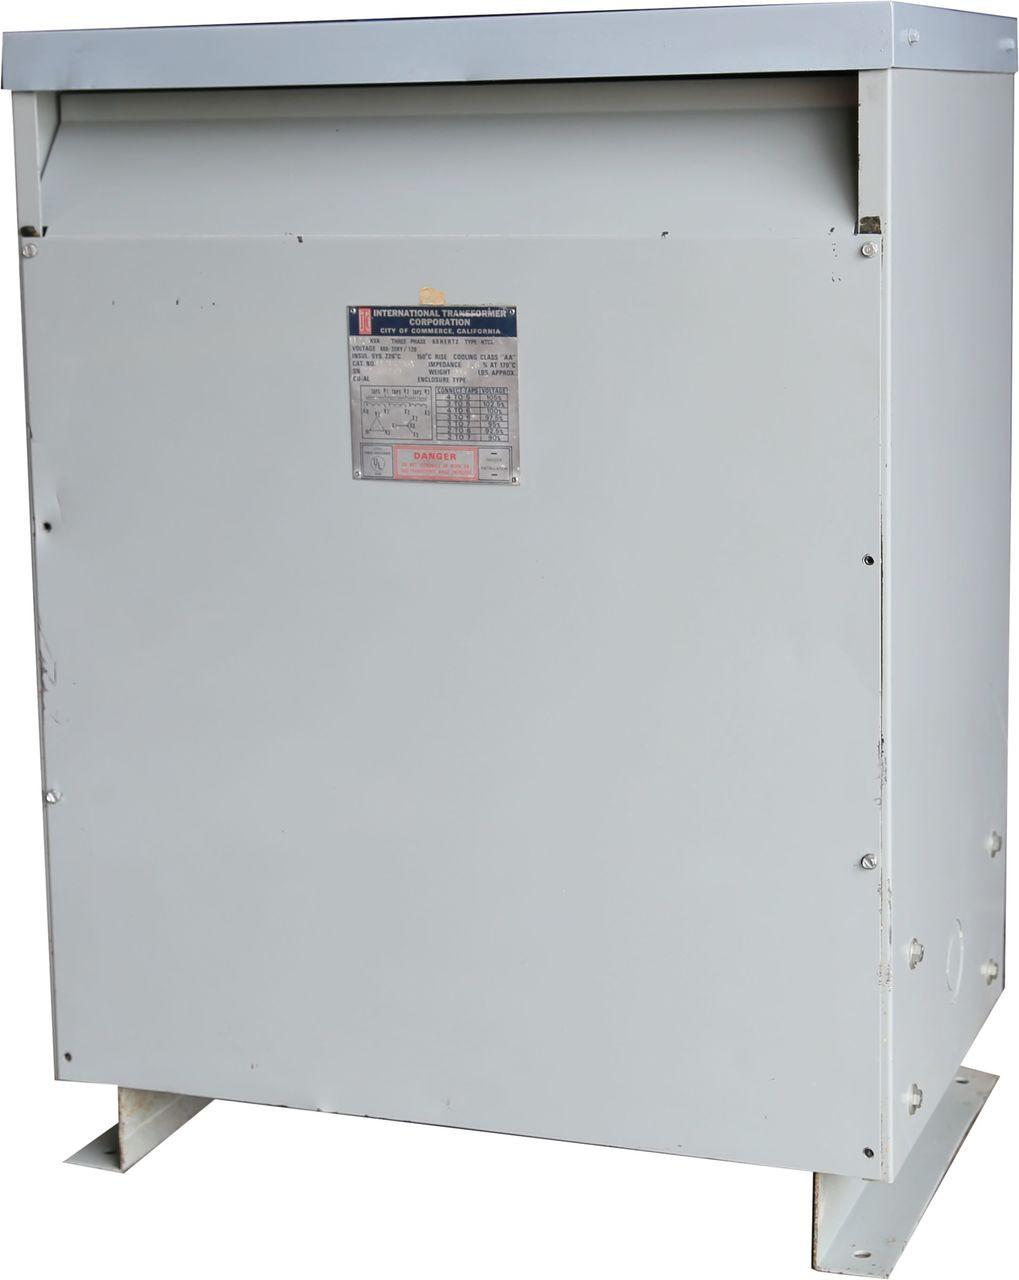 112.5 kva Transformer